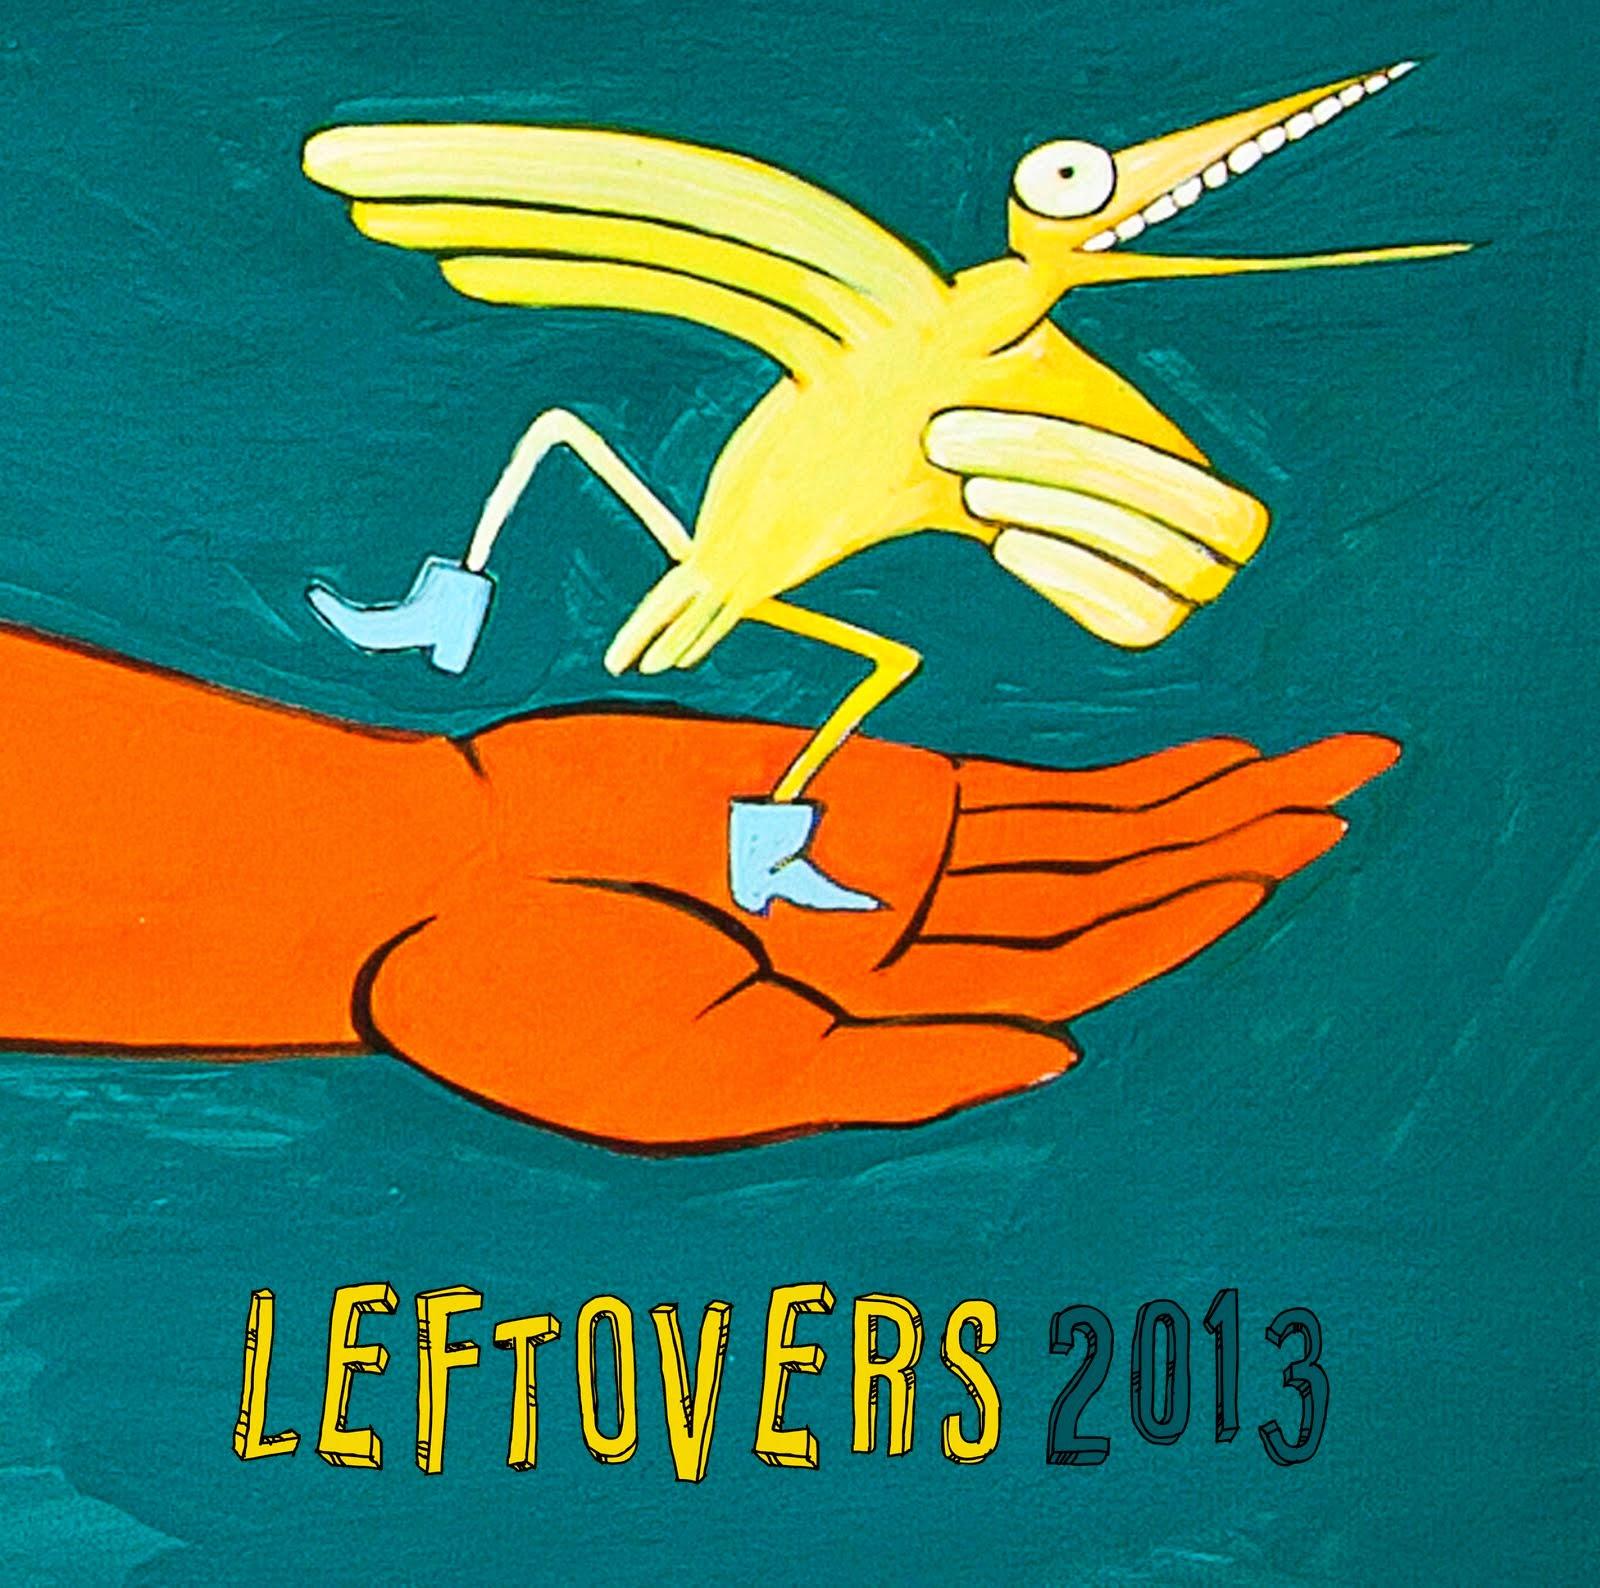 Leftovers2013